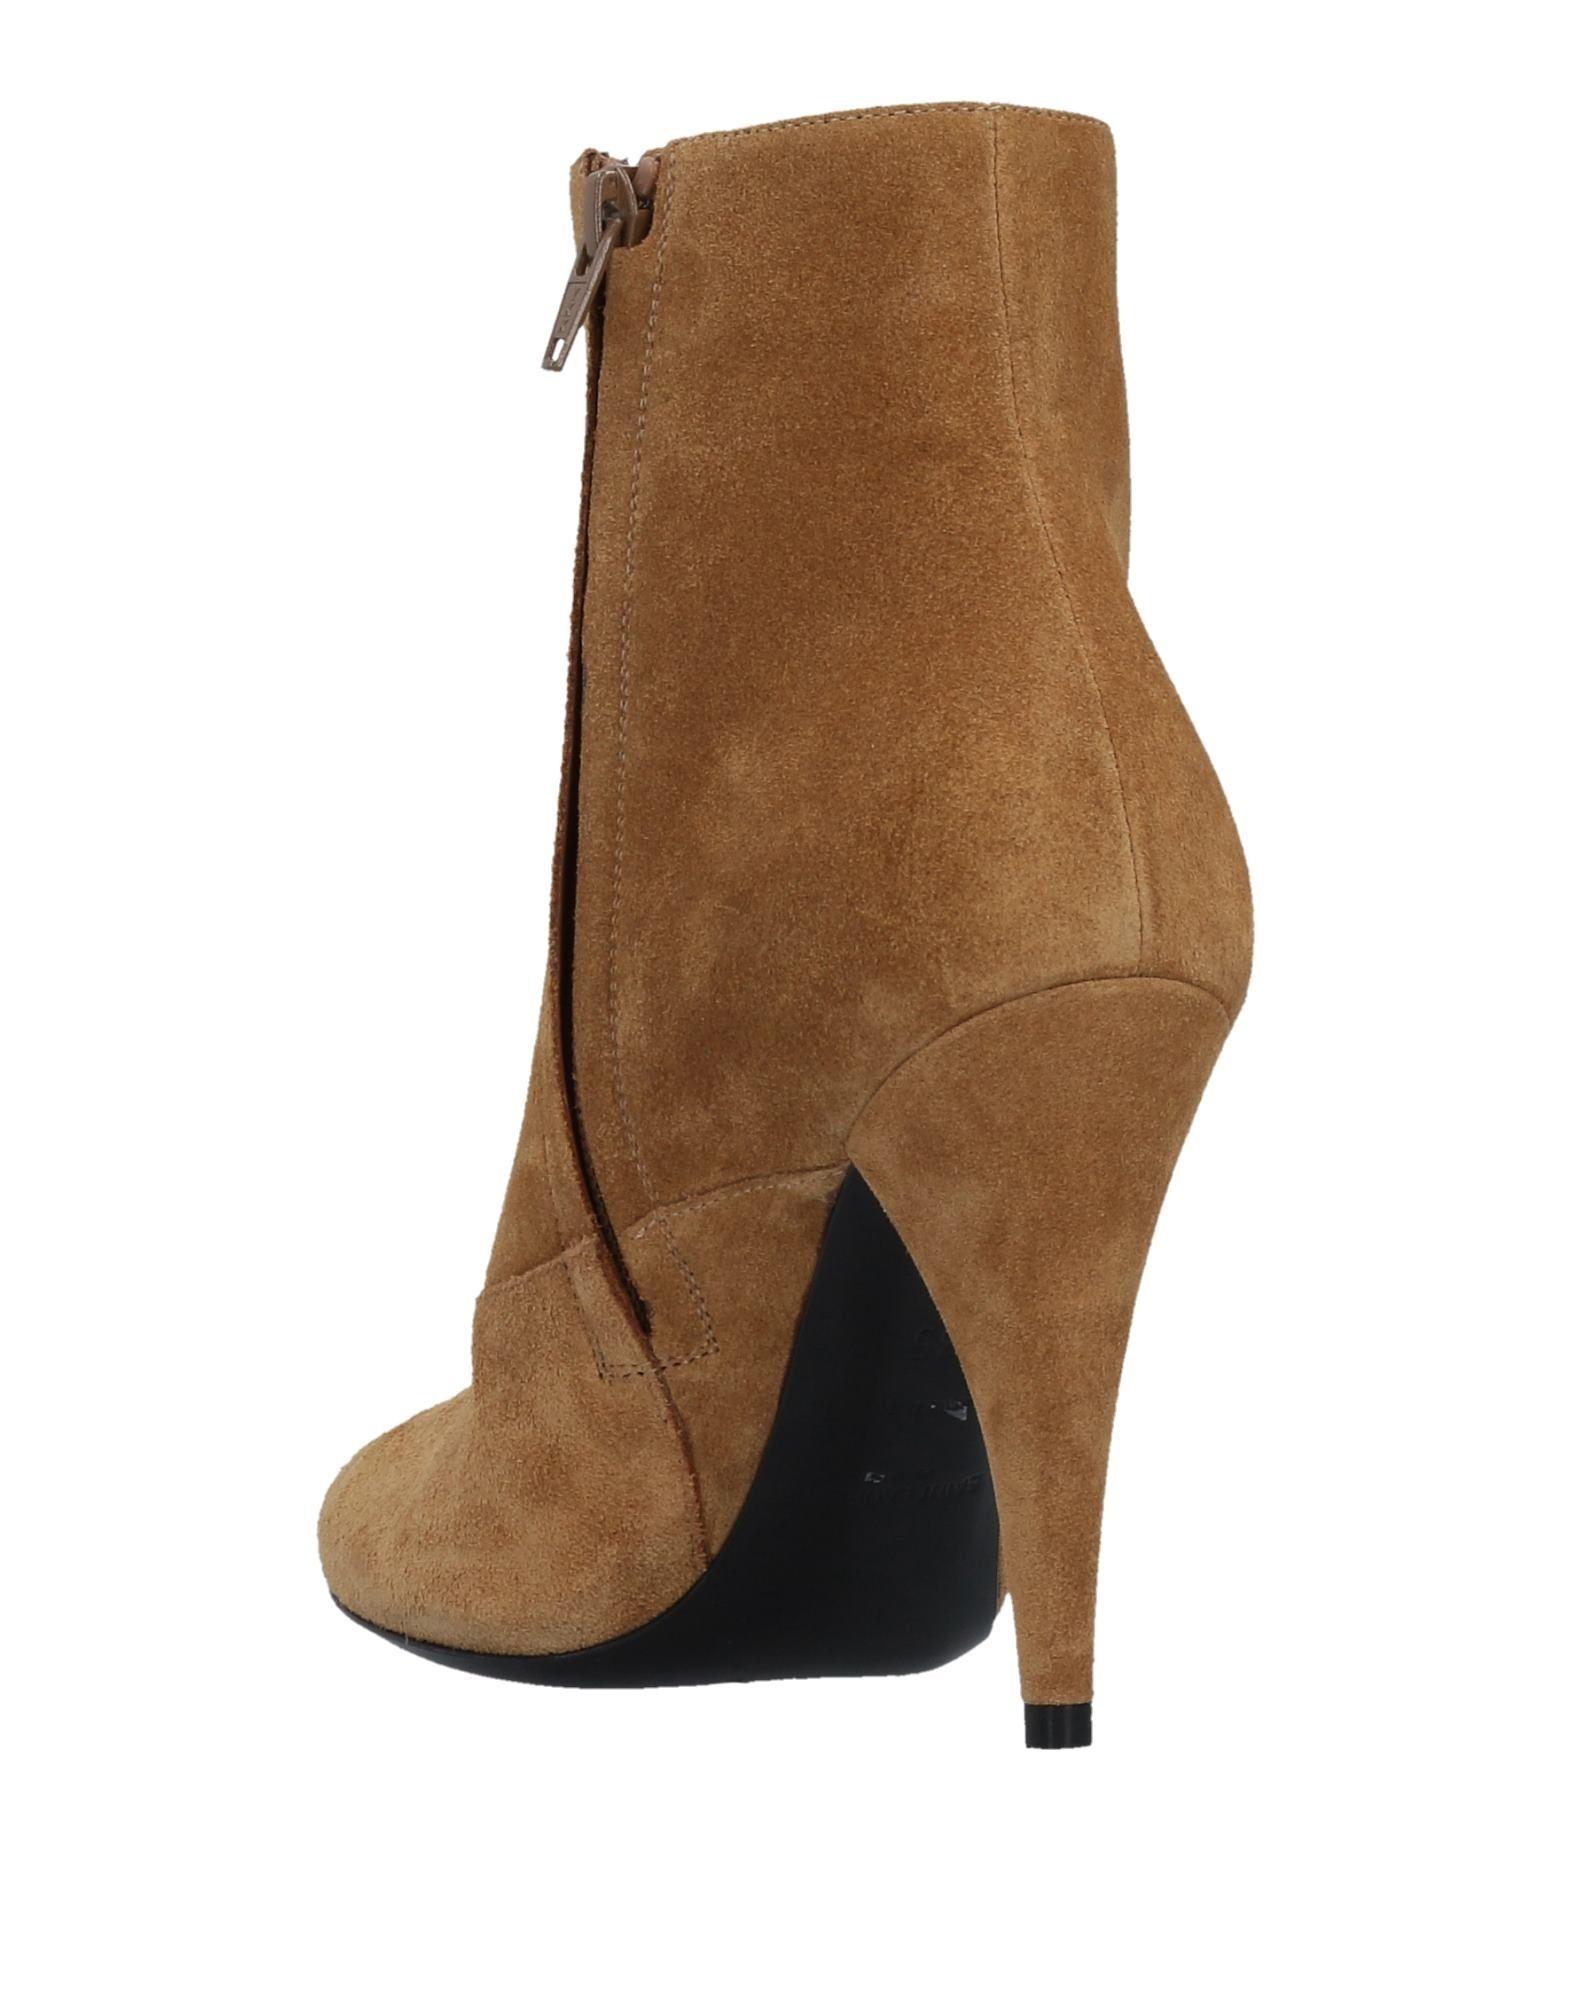 Saint Laurent Stiefelette Damen Schuhe  11507515KOGünstige gut aussehende Schuhe Damen 775d2b